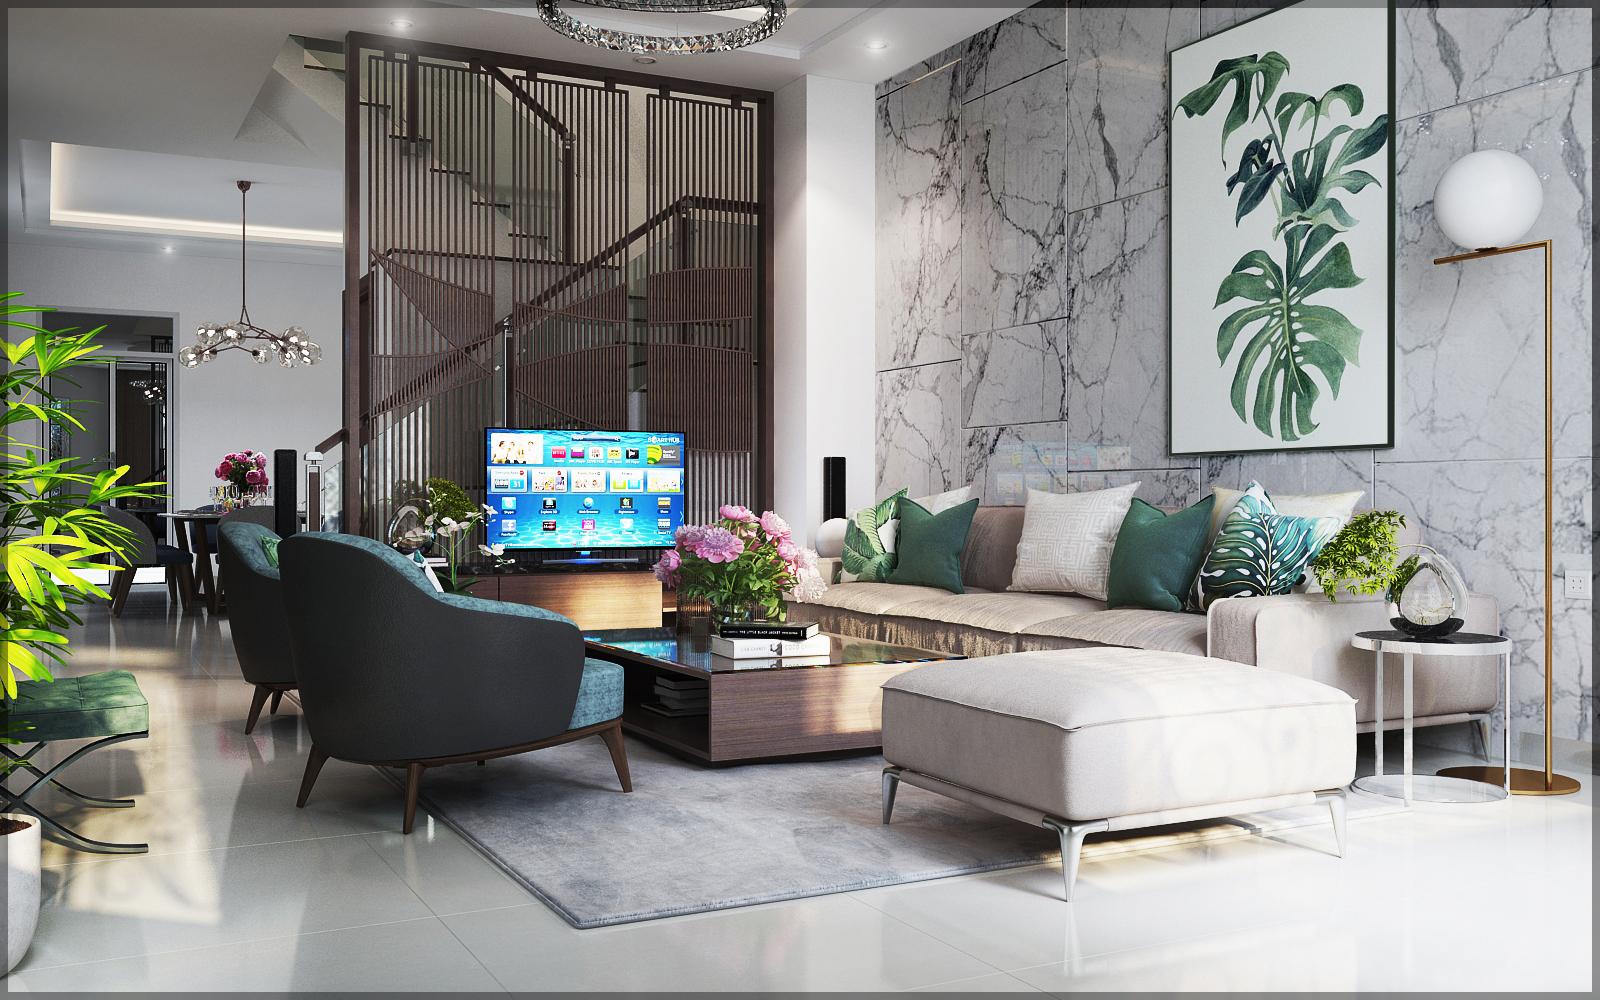 thiết kế nội thất Biệt Thự tại Hồ Chí Minh Mr Cường 10 1534911165